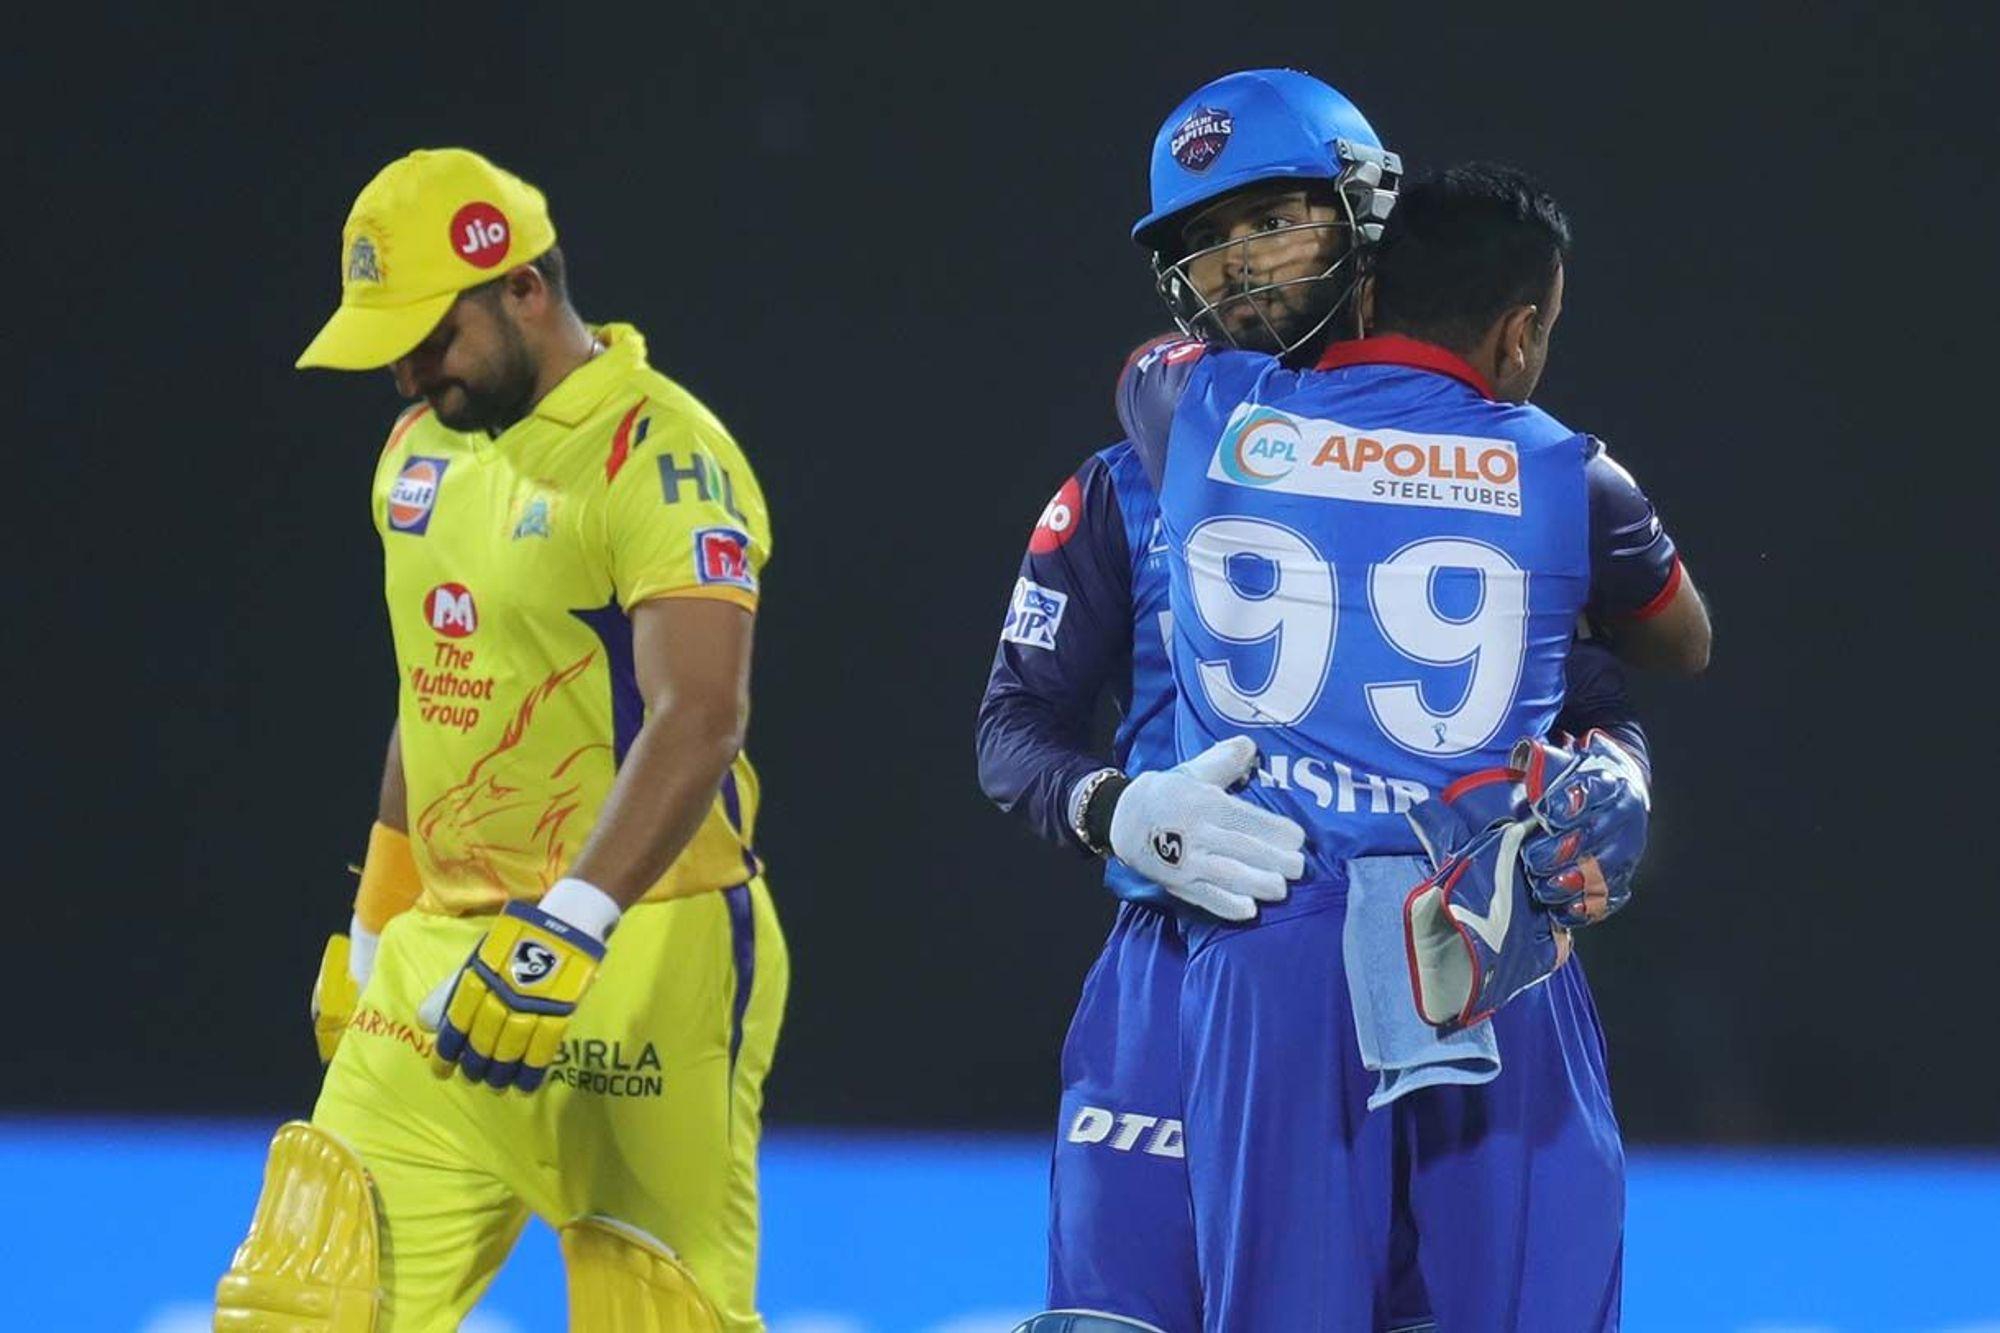 आईपीएल 2019, DCvsCSK: मैच में बनें 8 बड़े रिकॉर्ड, ऐसा करने वाले दूसरे खिलाड़ी बने महेंद्र सिंह धोनी